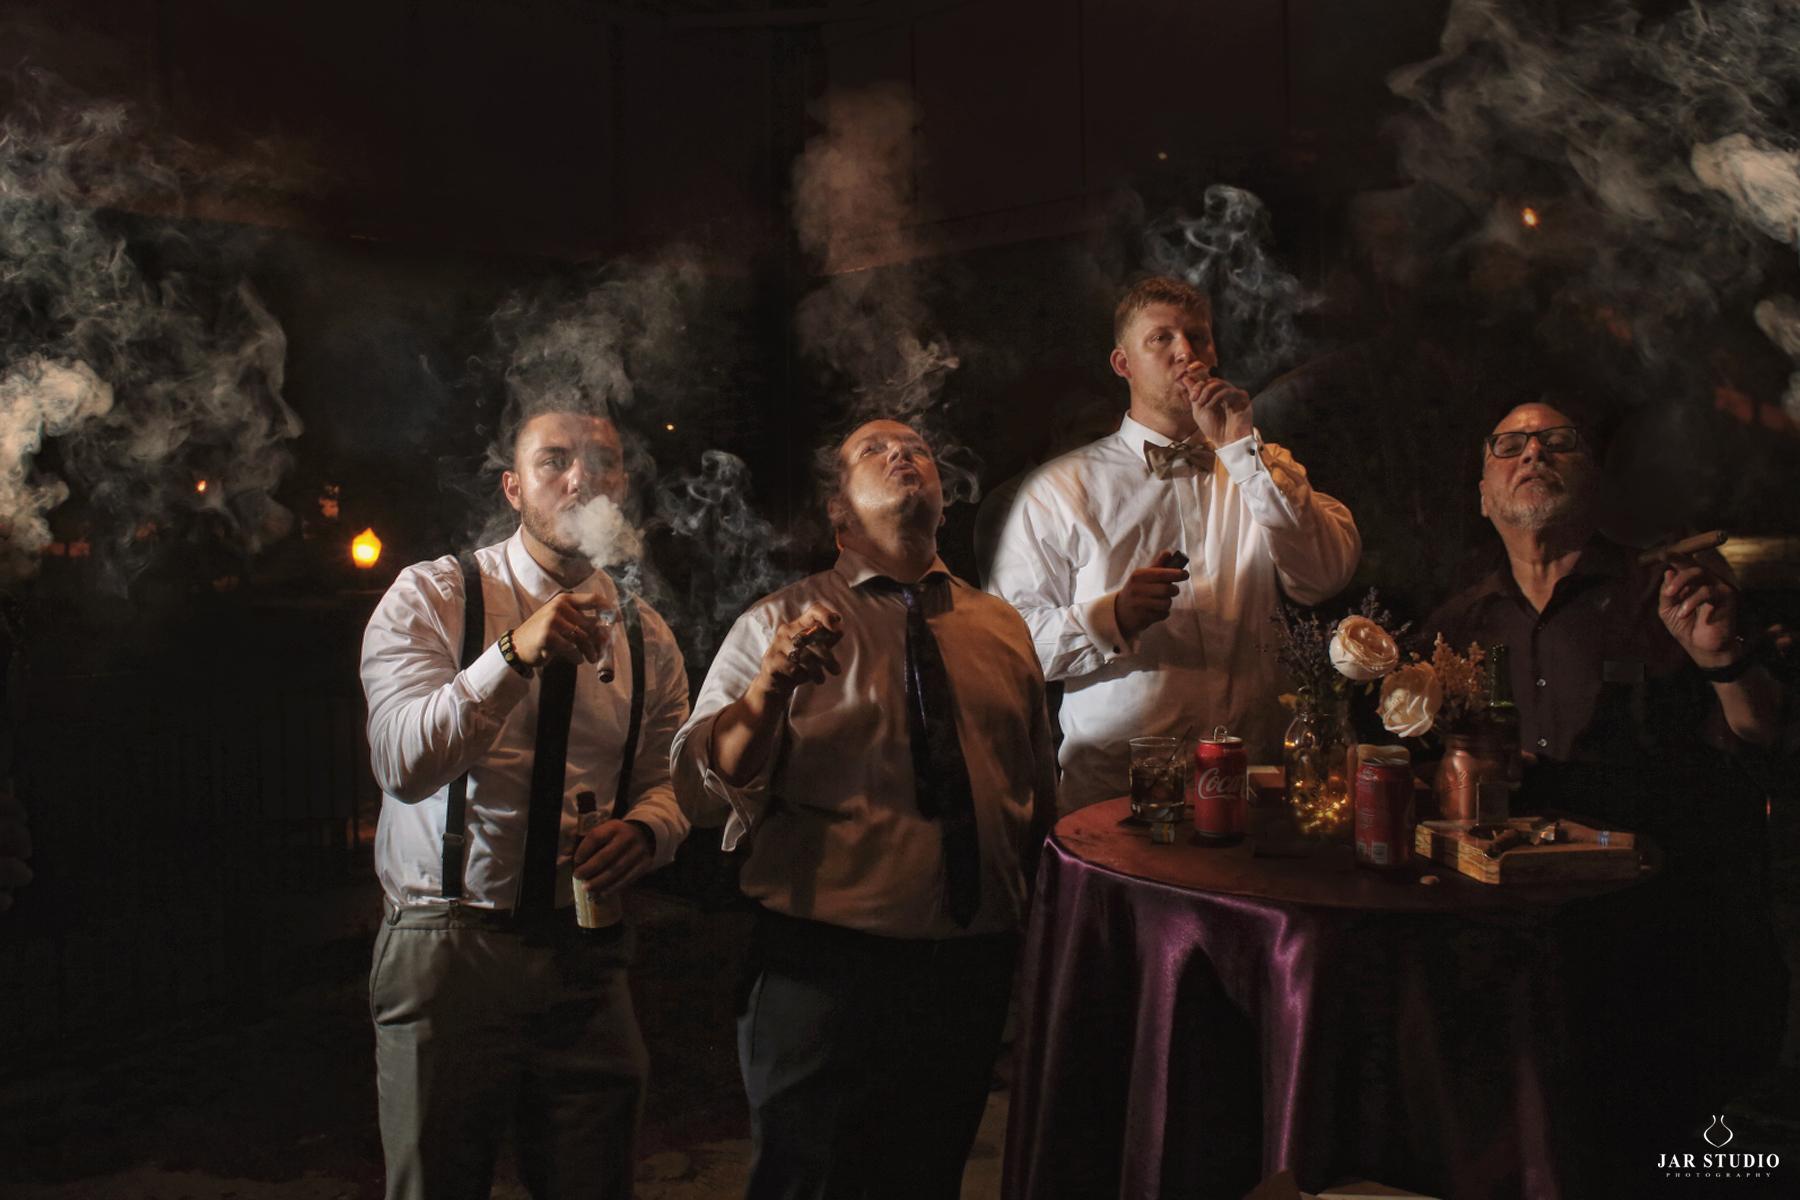 jarstudio-wedding-photographer-931.JPG